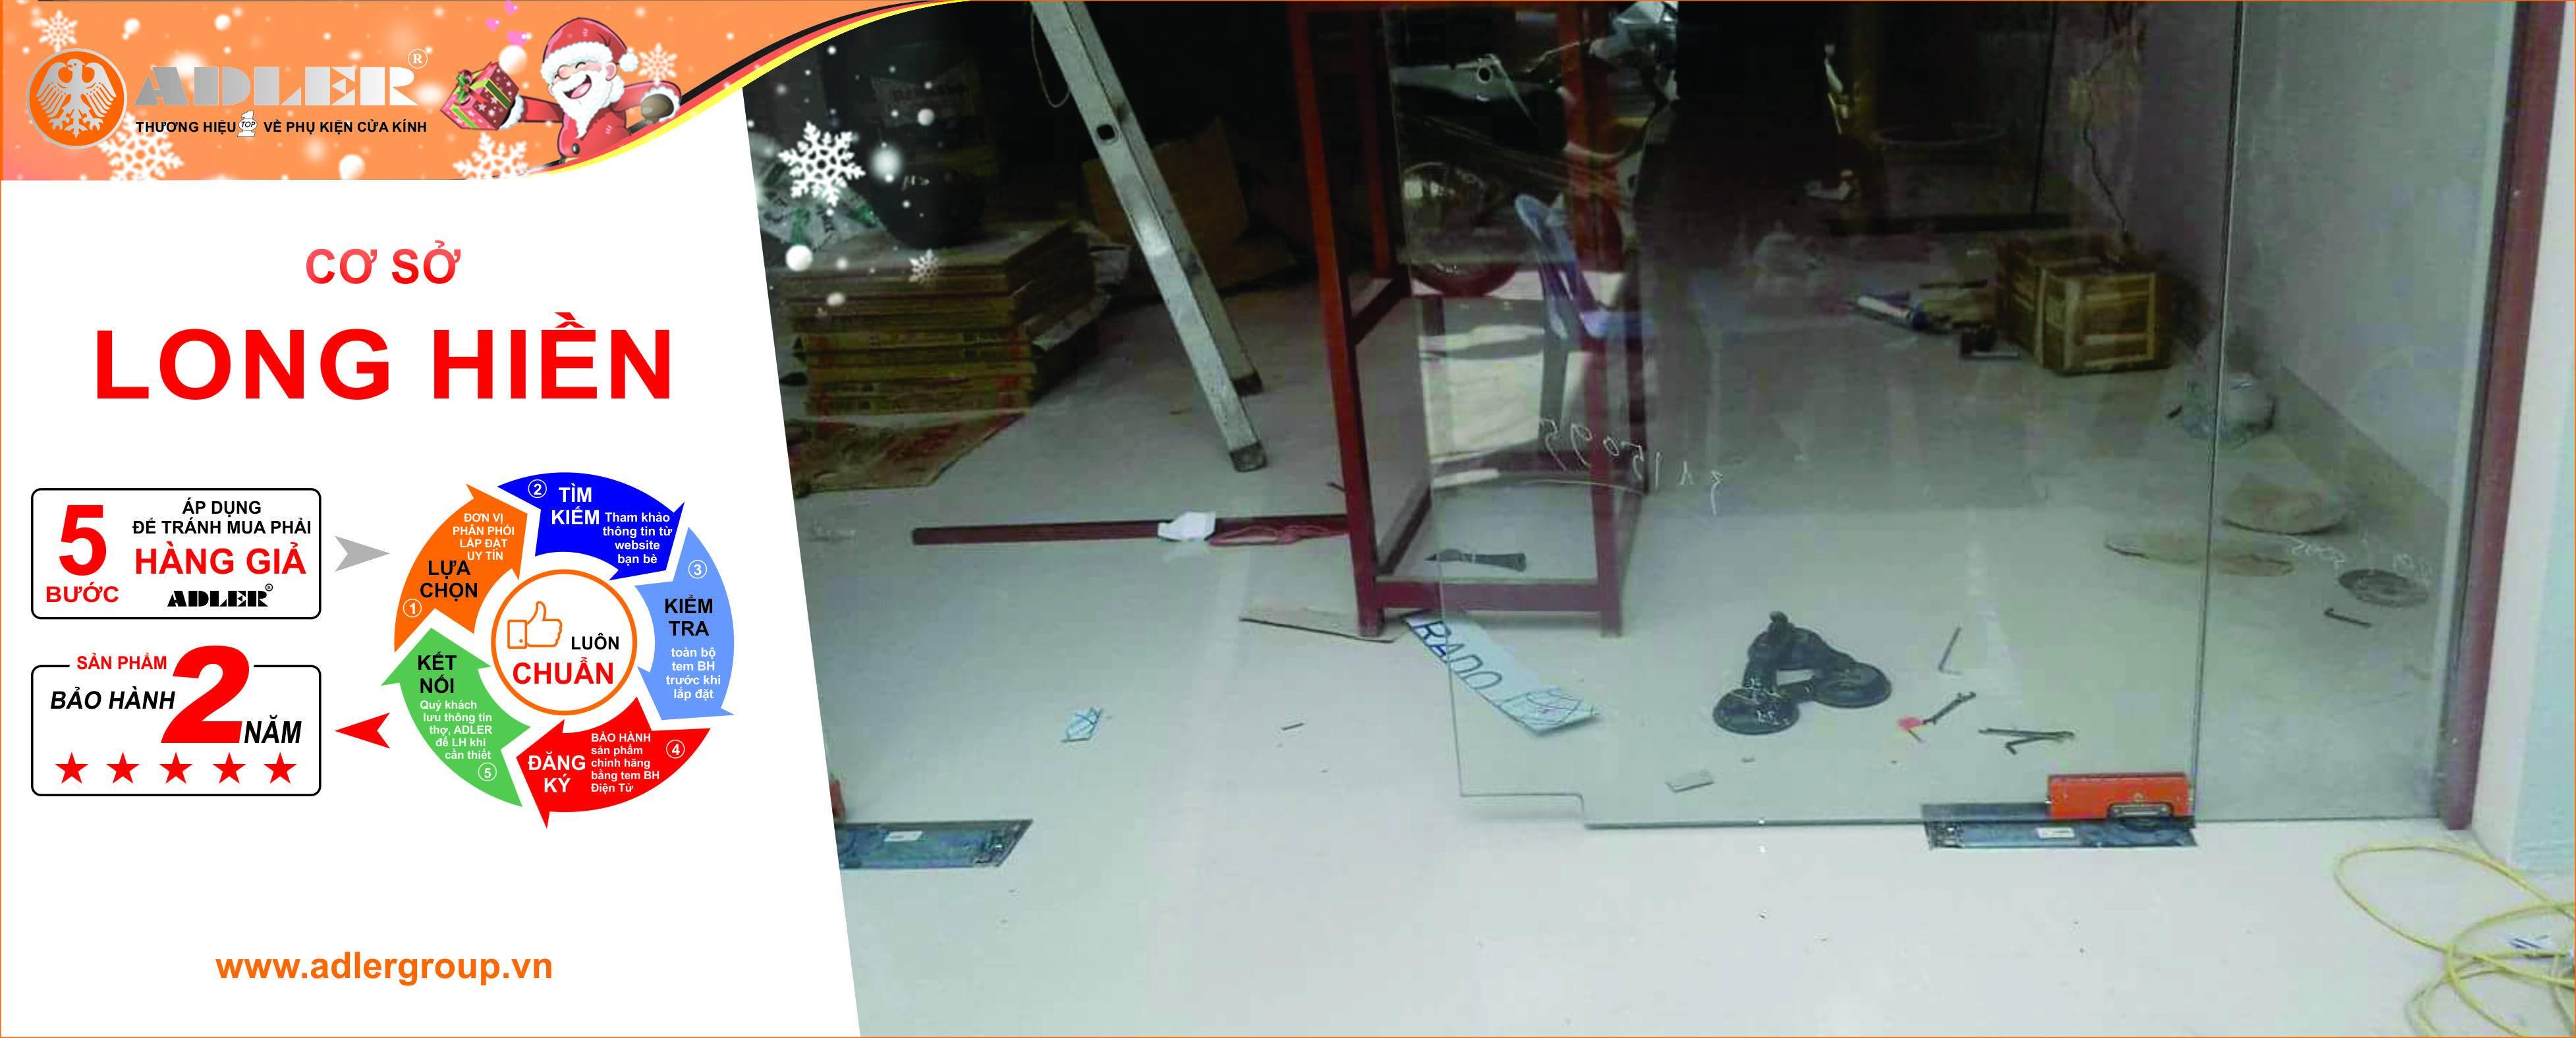 Adler luôn có mặt ở mọi công trình của Nhôm kính Long Hiền.